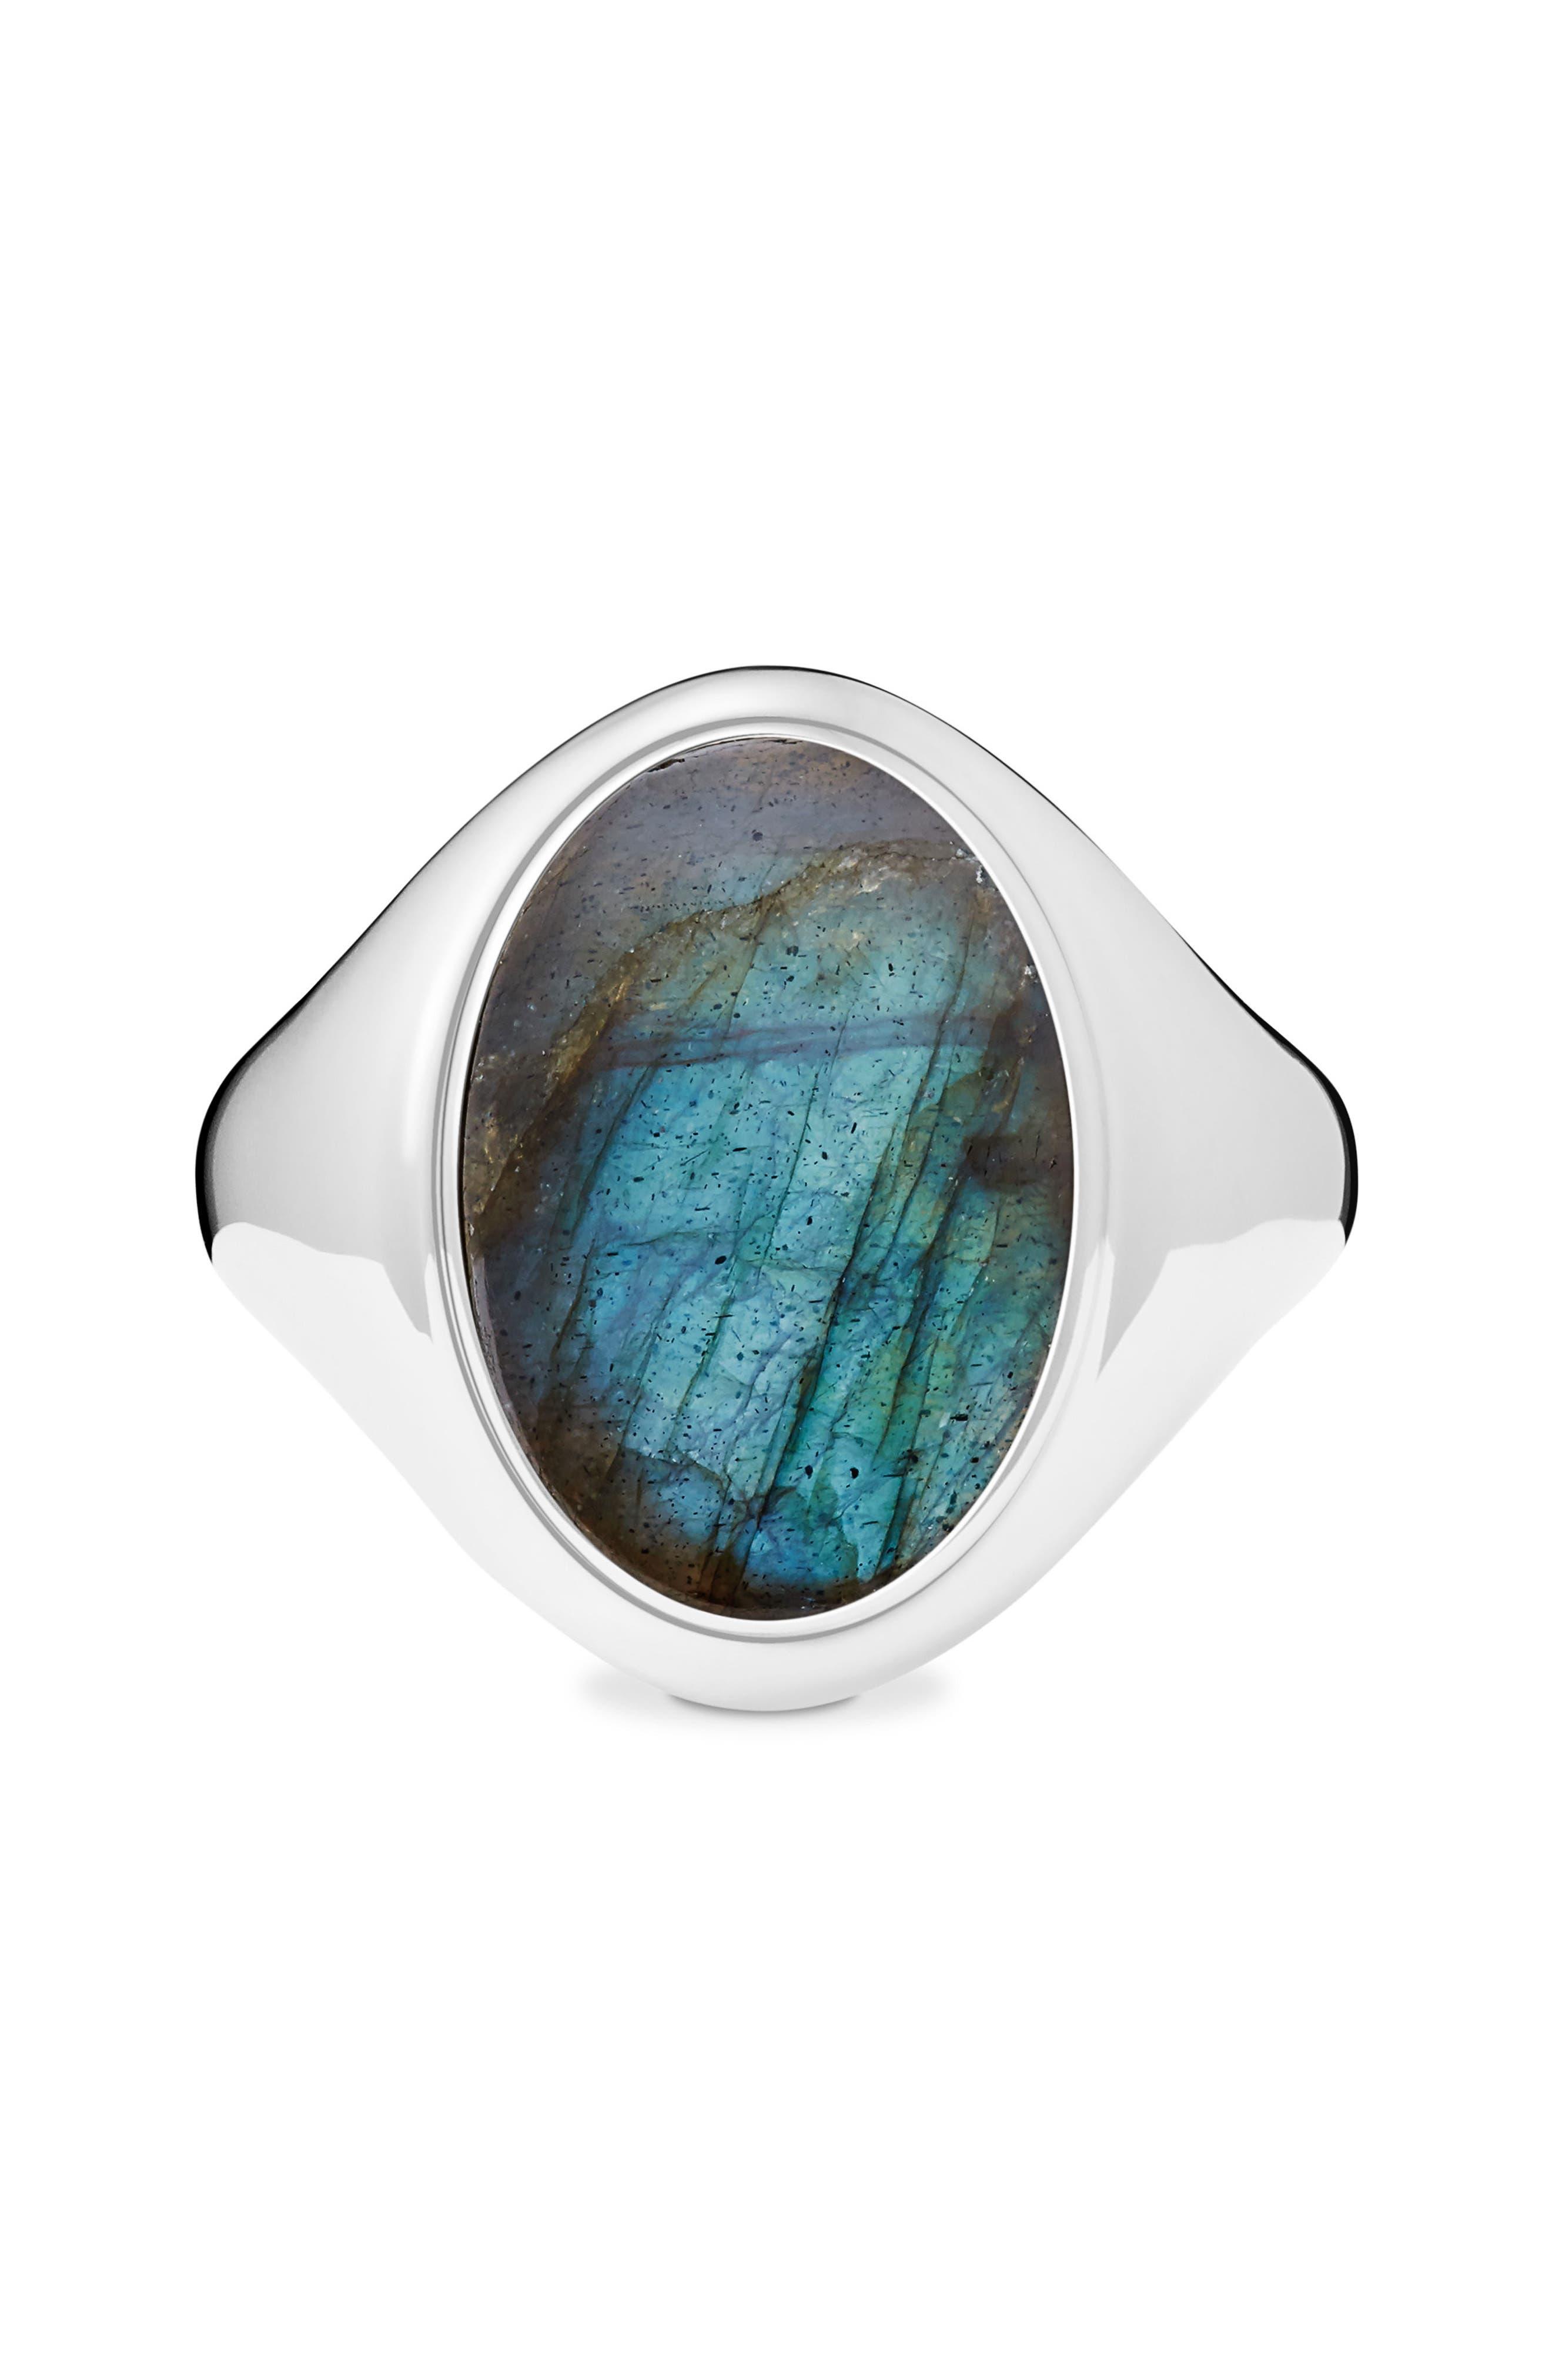 Shinola Statement Labradorite Signet Ring